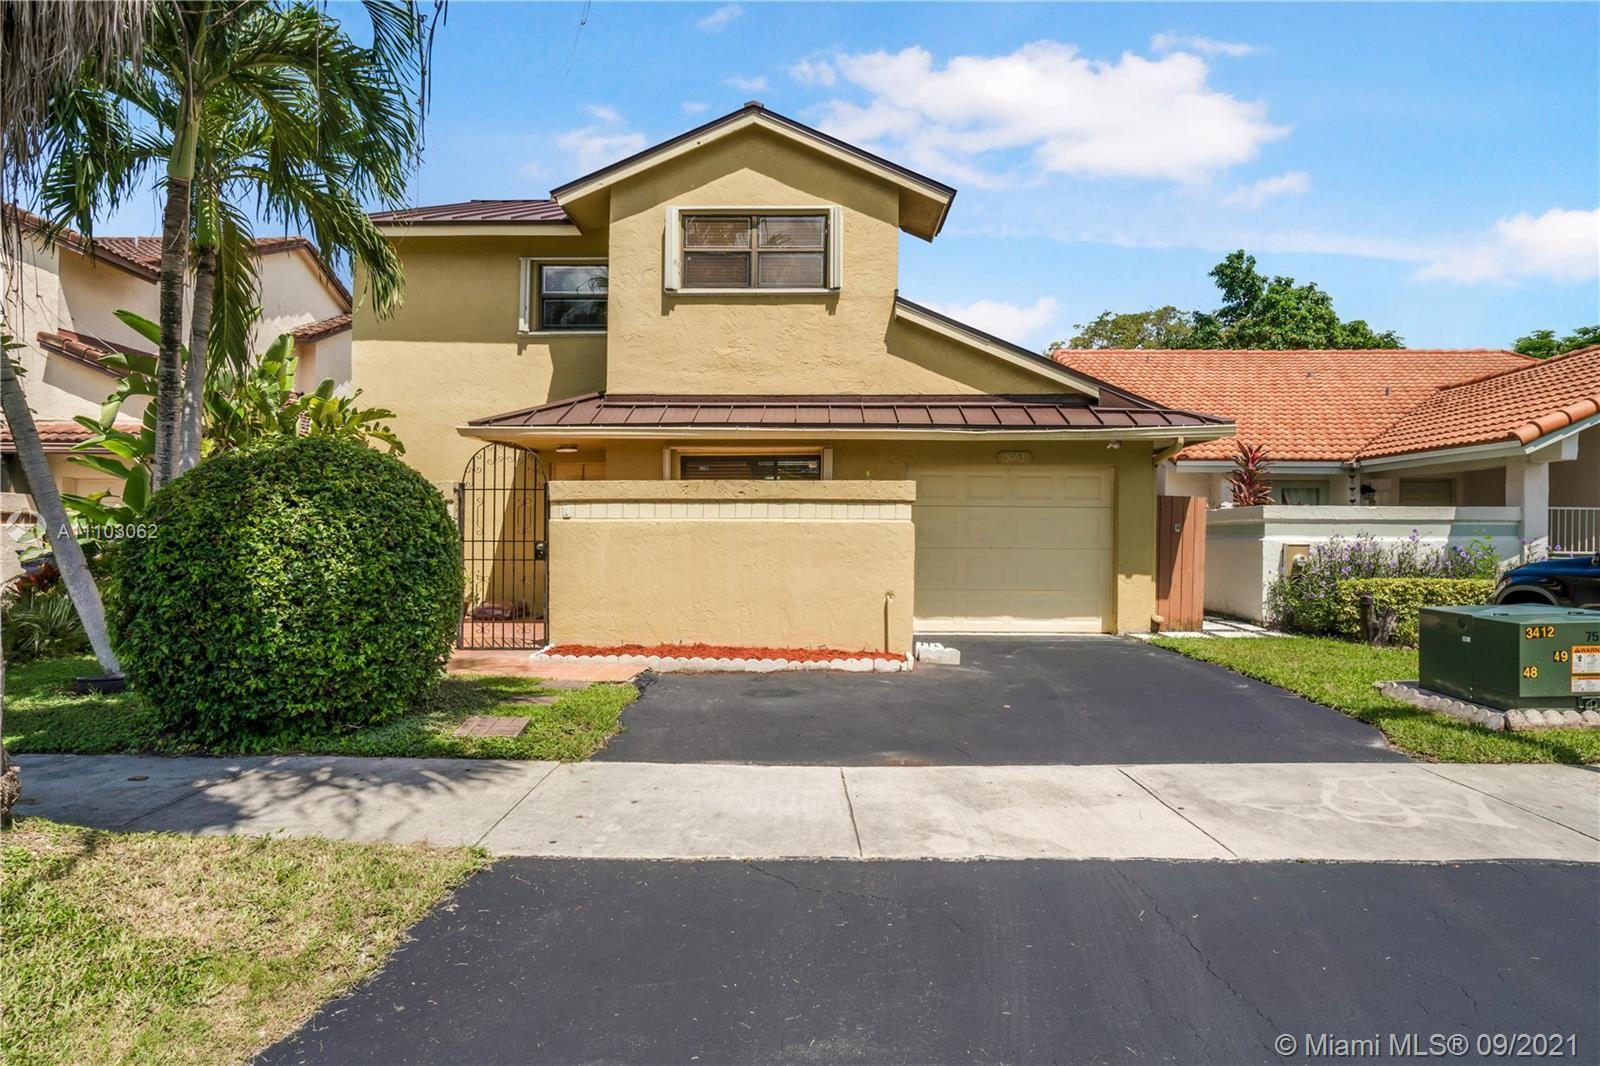 15063 SW 96th Ter, Miami, FL 33196 - #: A11103062